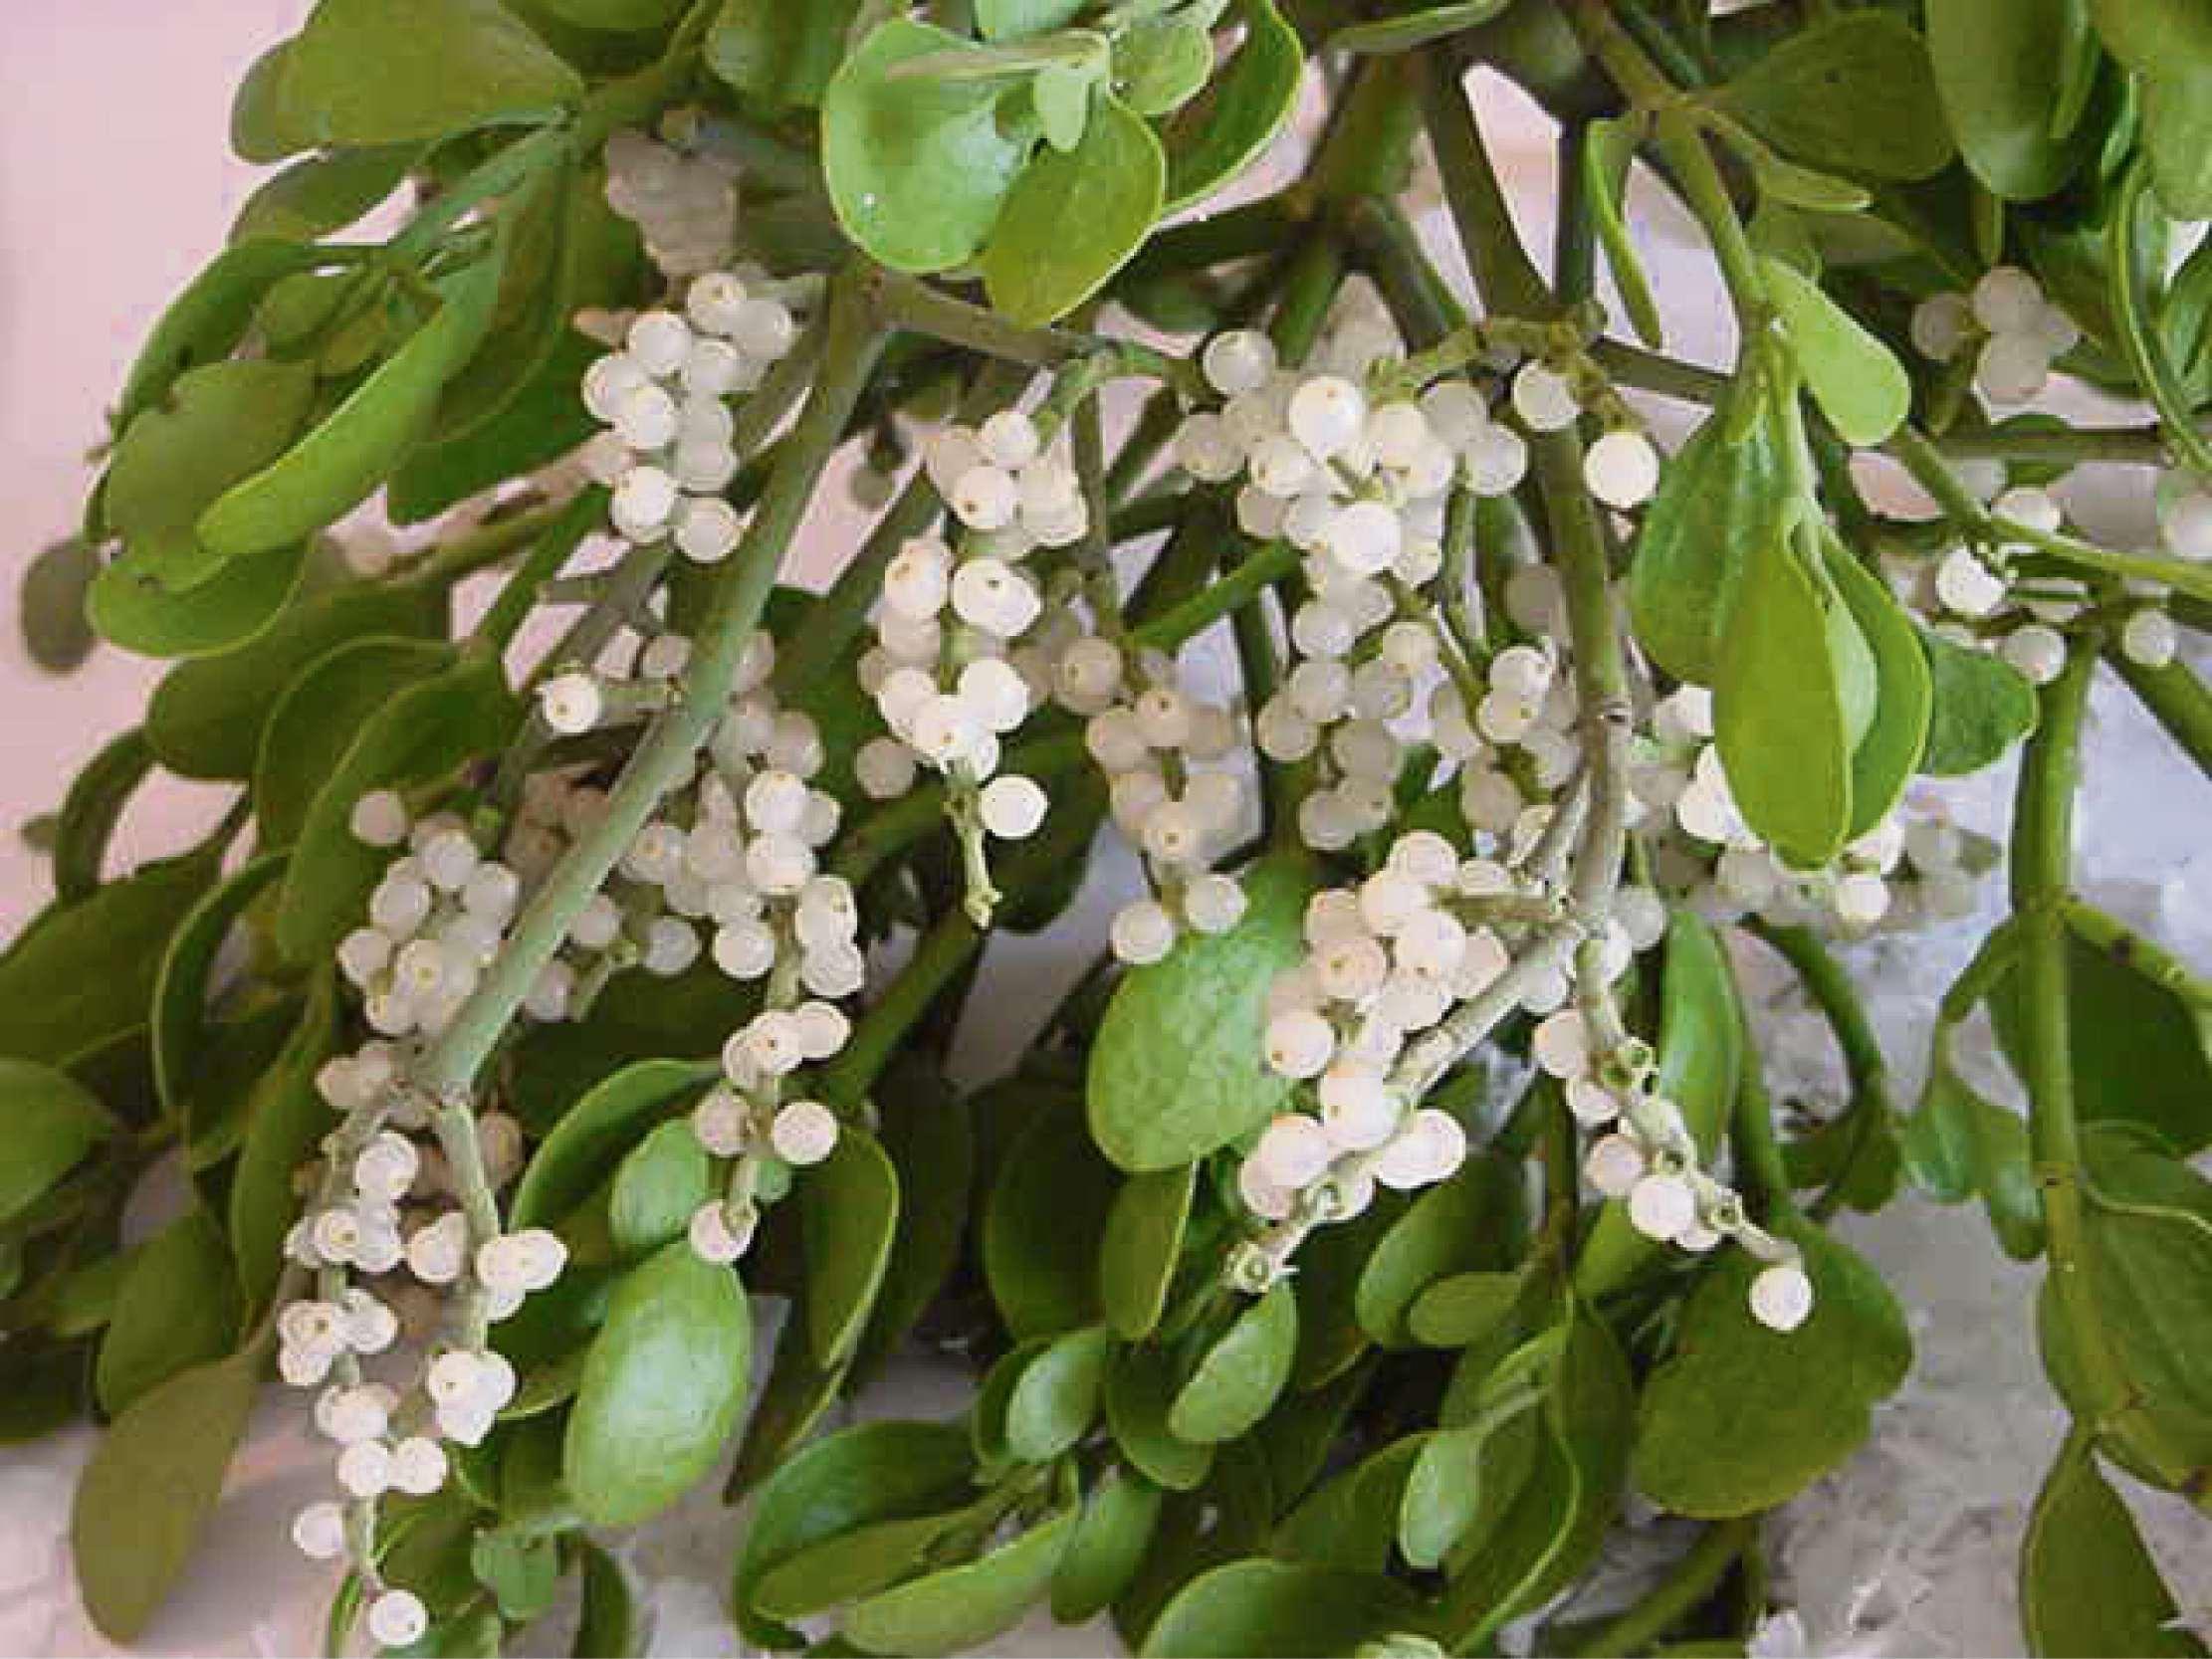 Its The Weekend Festive Mistletoe Is Growing In Popularity South